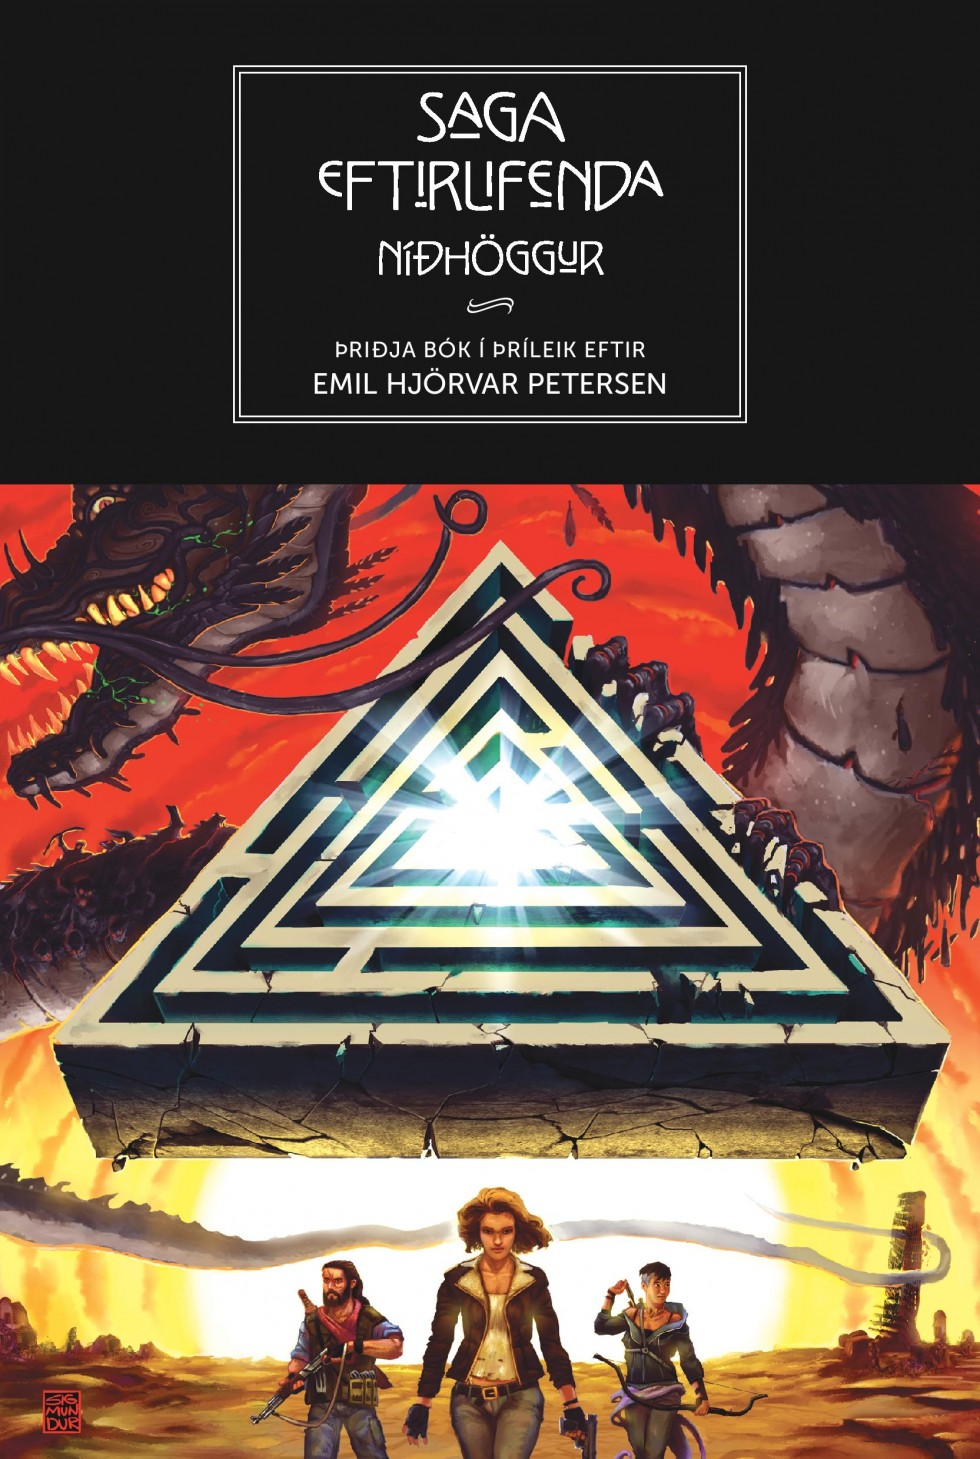 Saga-eftirlifenda-III_Níðhöggur-2xwa69n572tqszcpyjv0ne